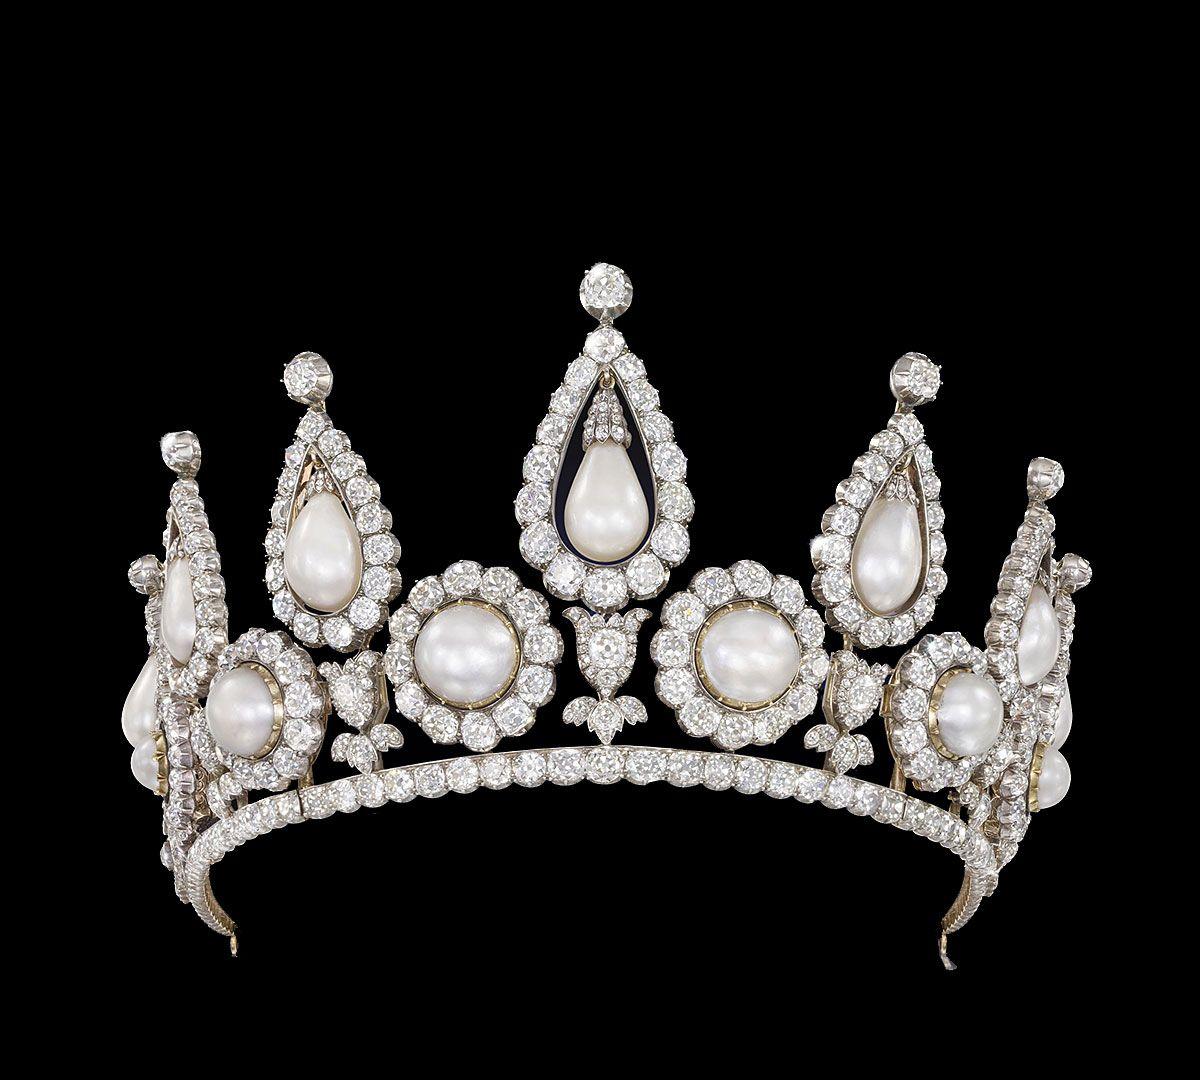 卡塔尔博物馆,典藏珍珠头冠、头饰!有一件曾被戴安娜王妃佩戴!